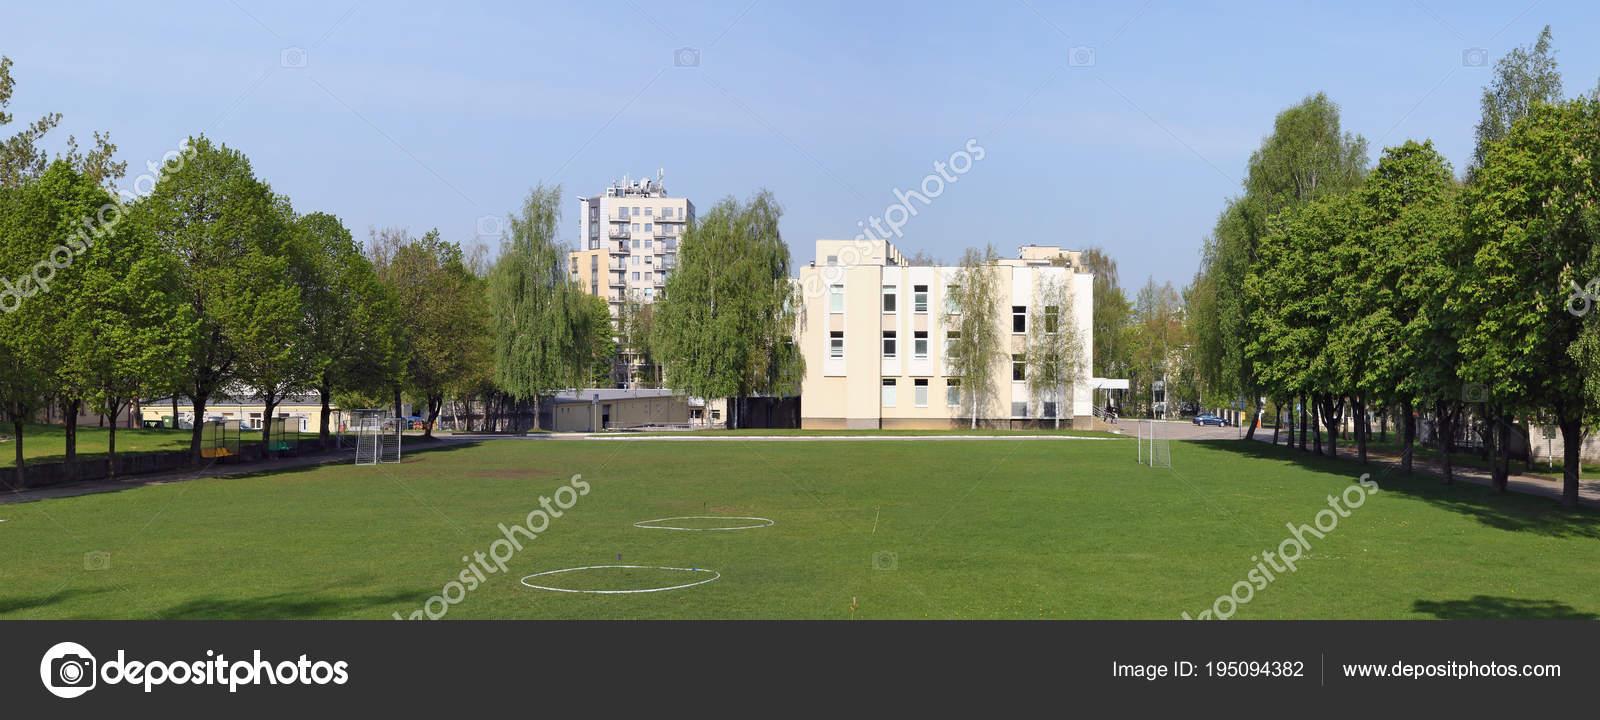 bfdc758ac ... de maio de 2018  Gramado e futebol campo verde no território dos nomes  Lituano academia militar do General Jono Zemaicio. A Academia foi fundada  em 1992 ...